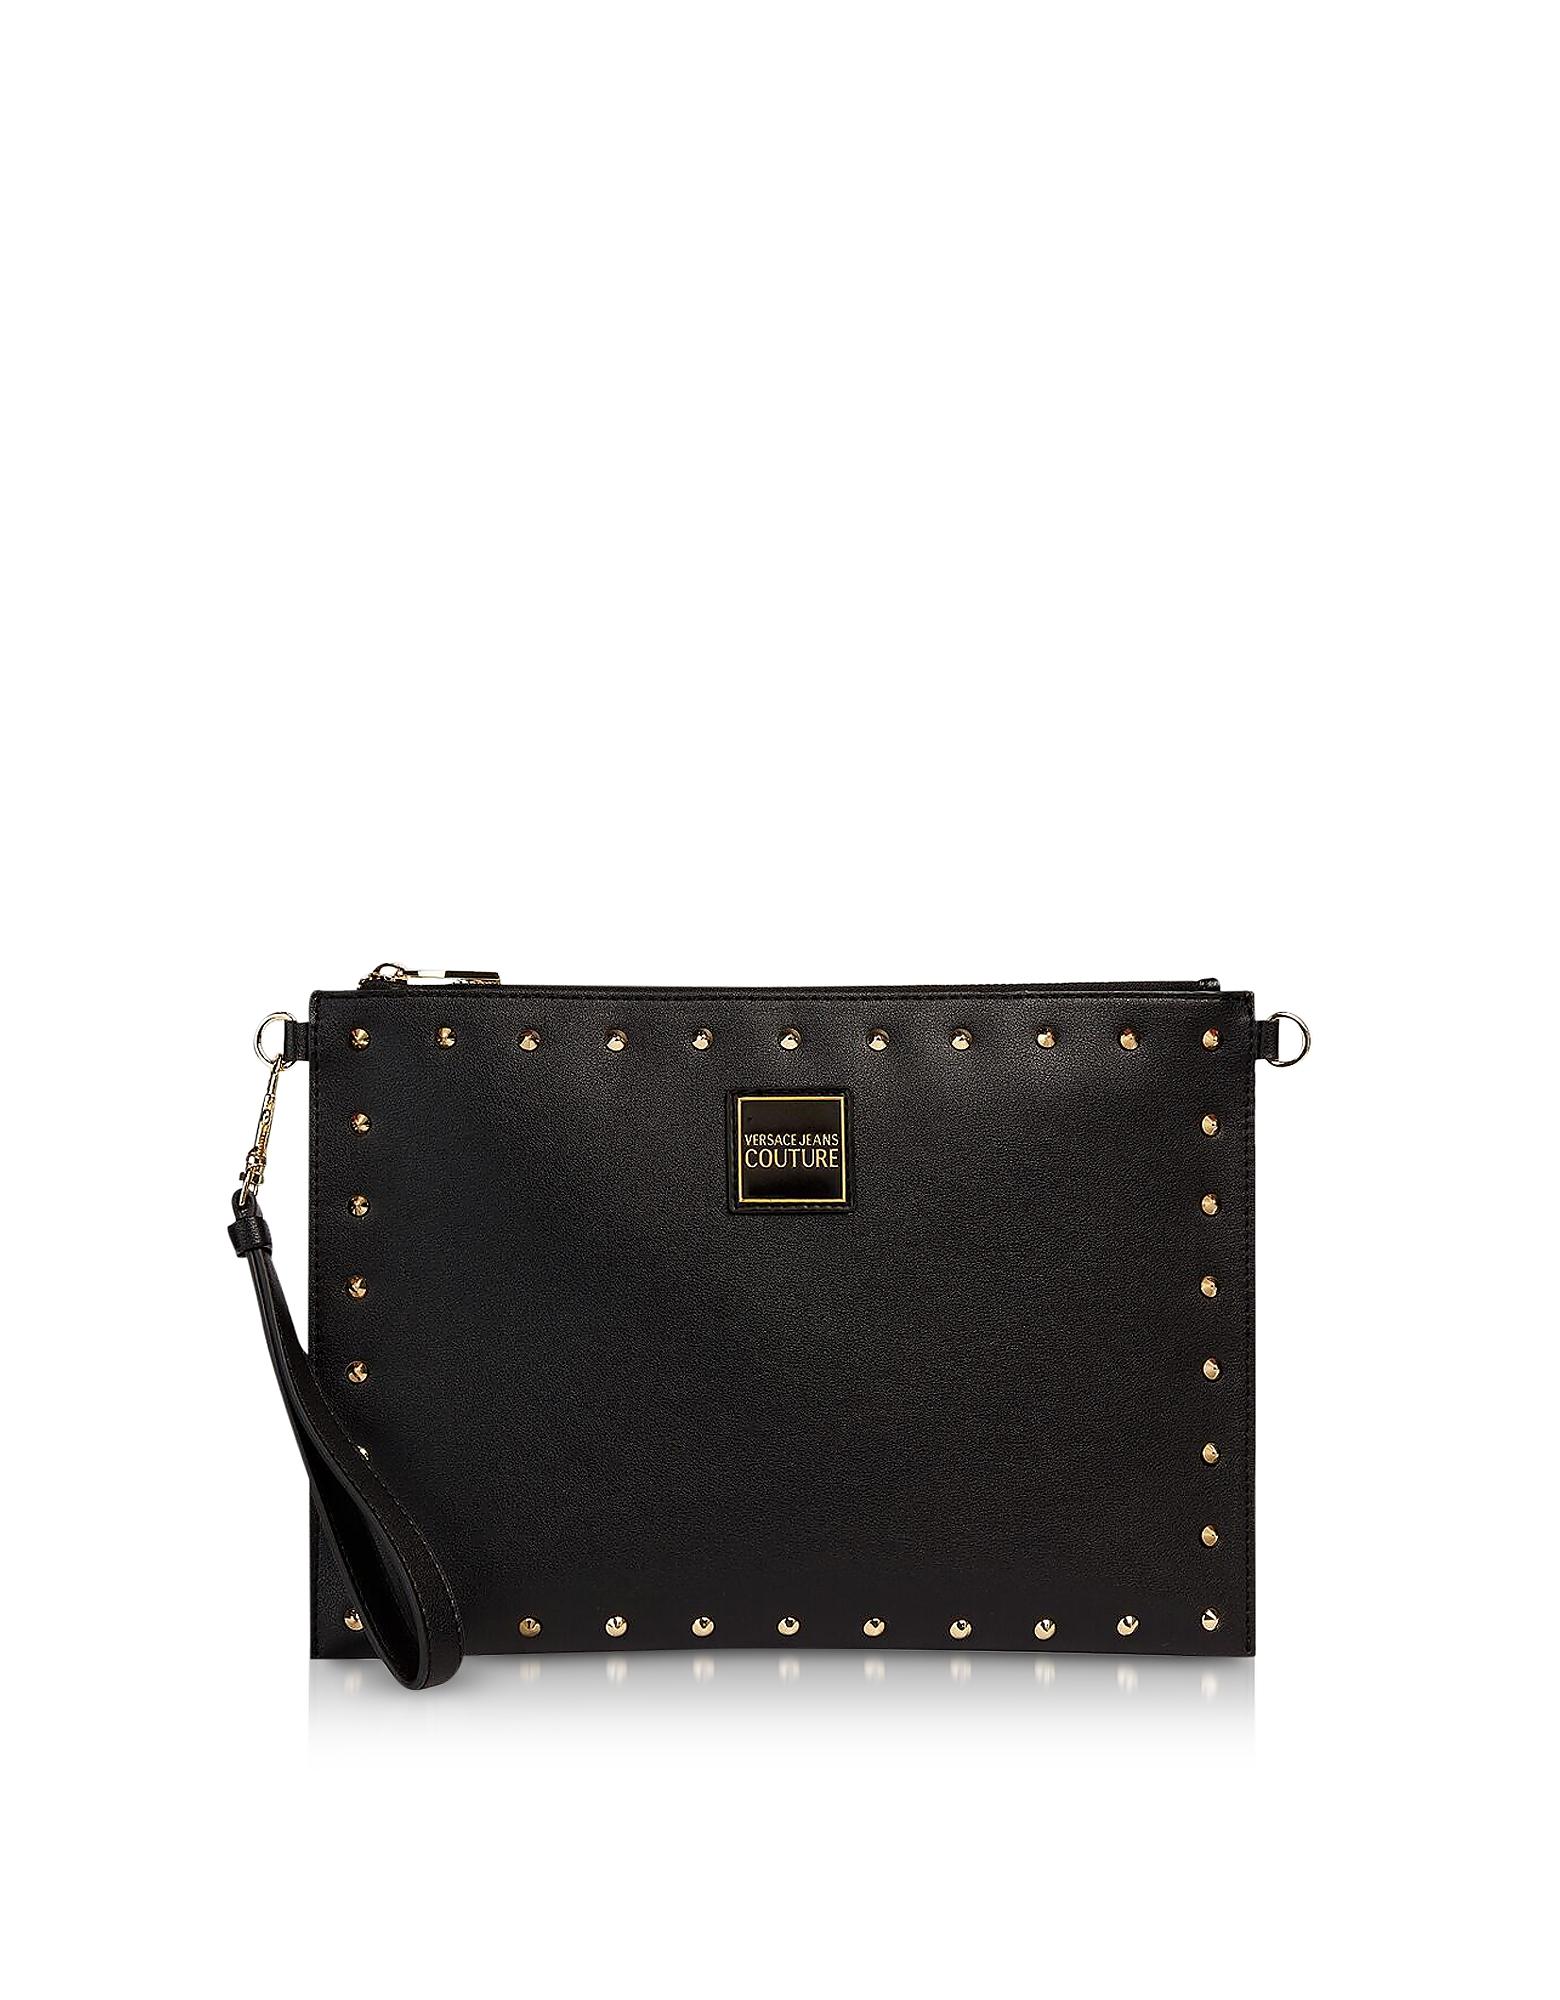 Черный Кожаный Клатч Кошелек с Заклепками Versace Jeans Couture